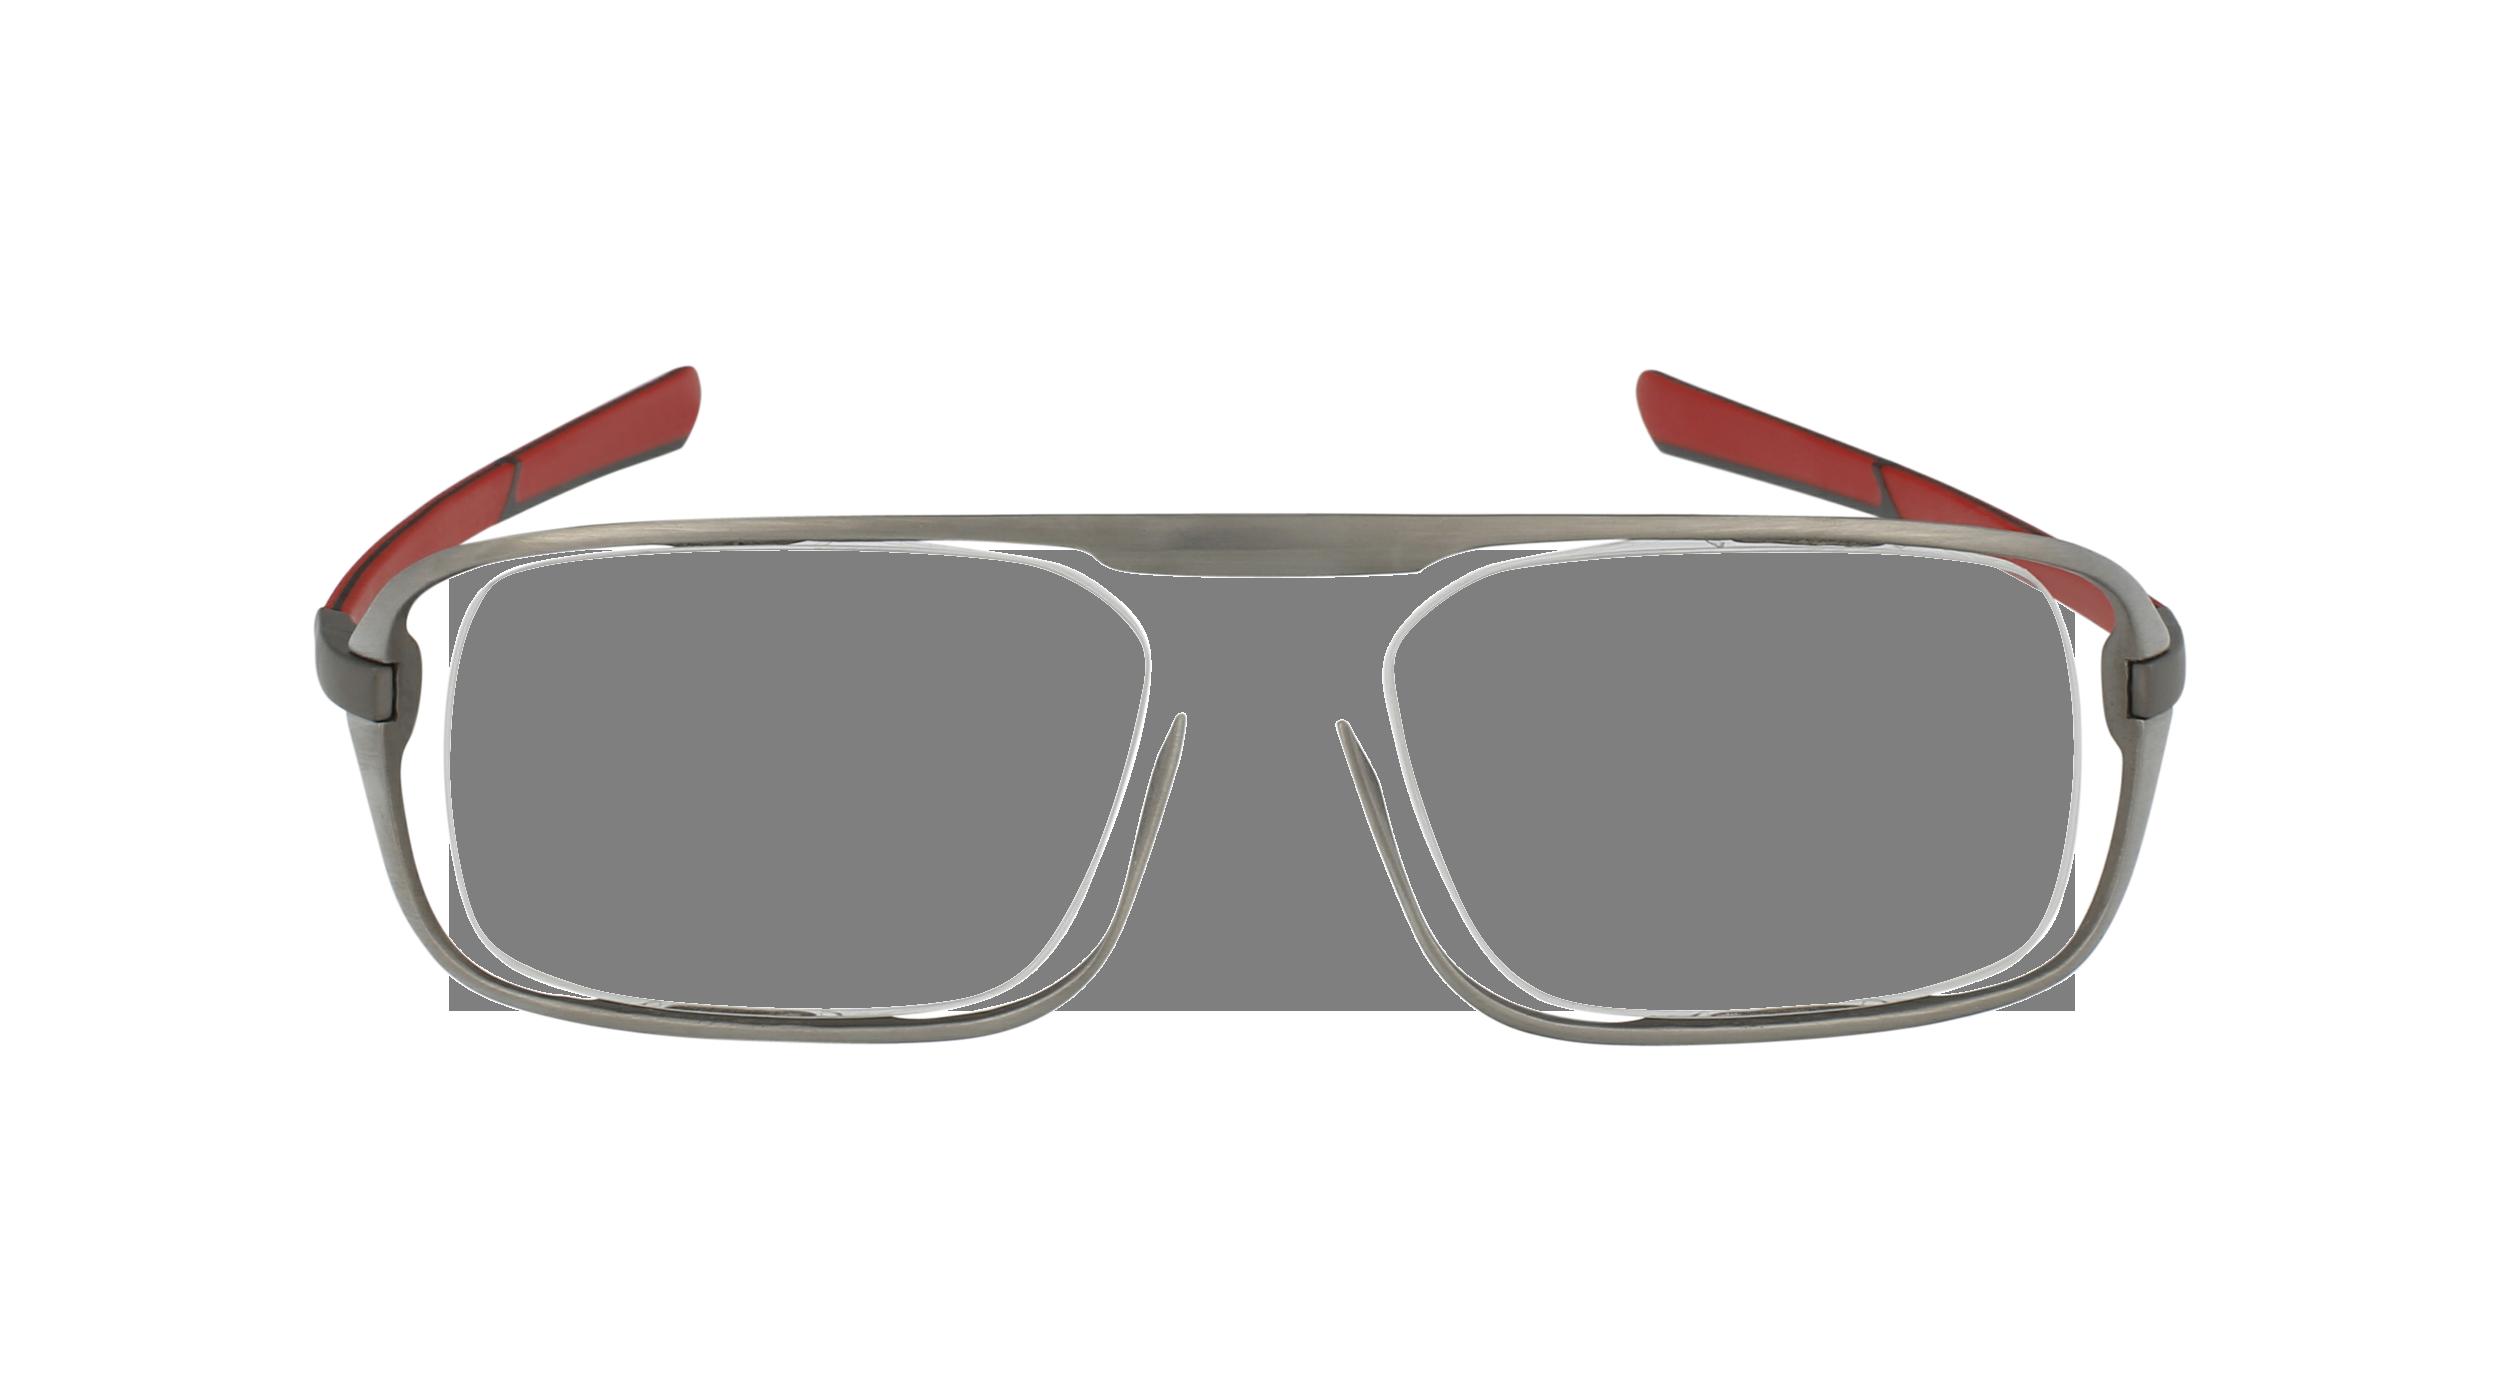 Style Name: MLULTO05.C03.54